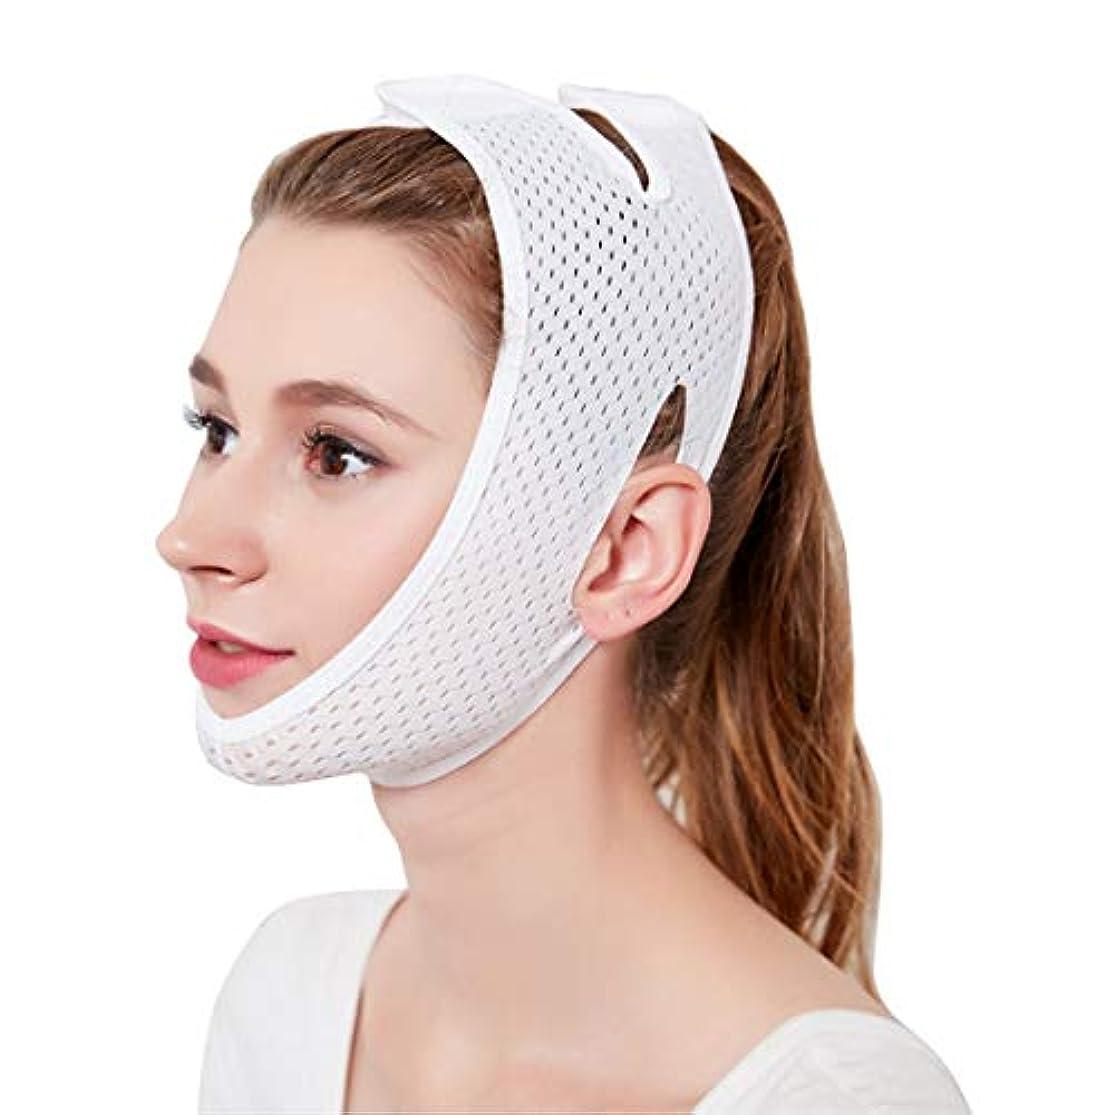 オーバーコート細い着実にZWBD フェイスマスク, 薄い顔包帯v顔の薄い咬筋の筋肉通気性の薄い顔咬筋の筋肉Vフェイスマスクダブルあごリフトあご